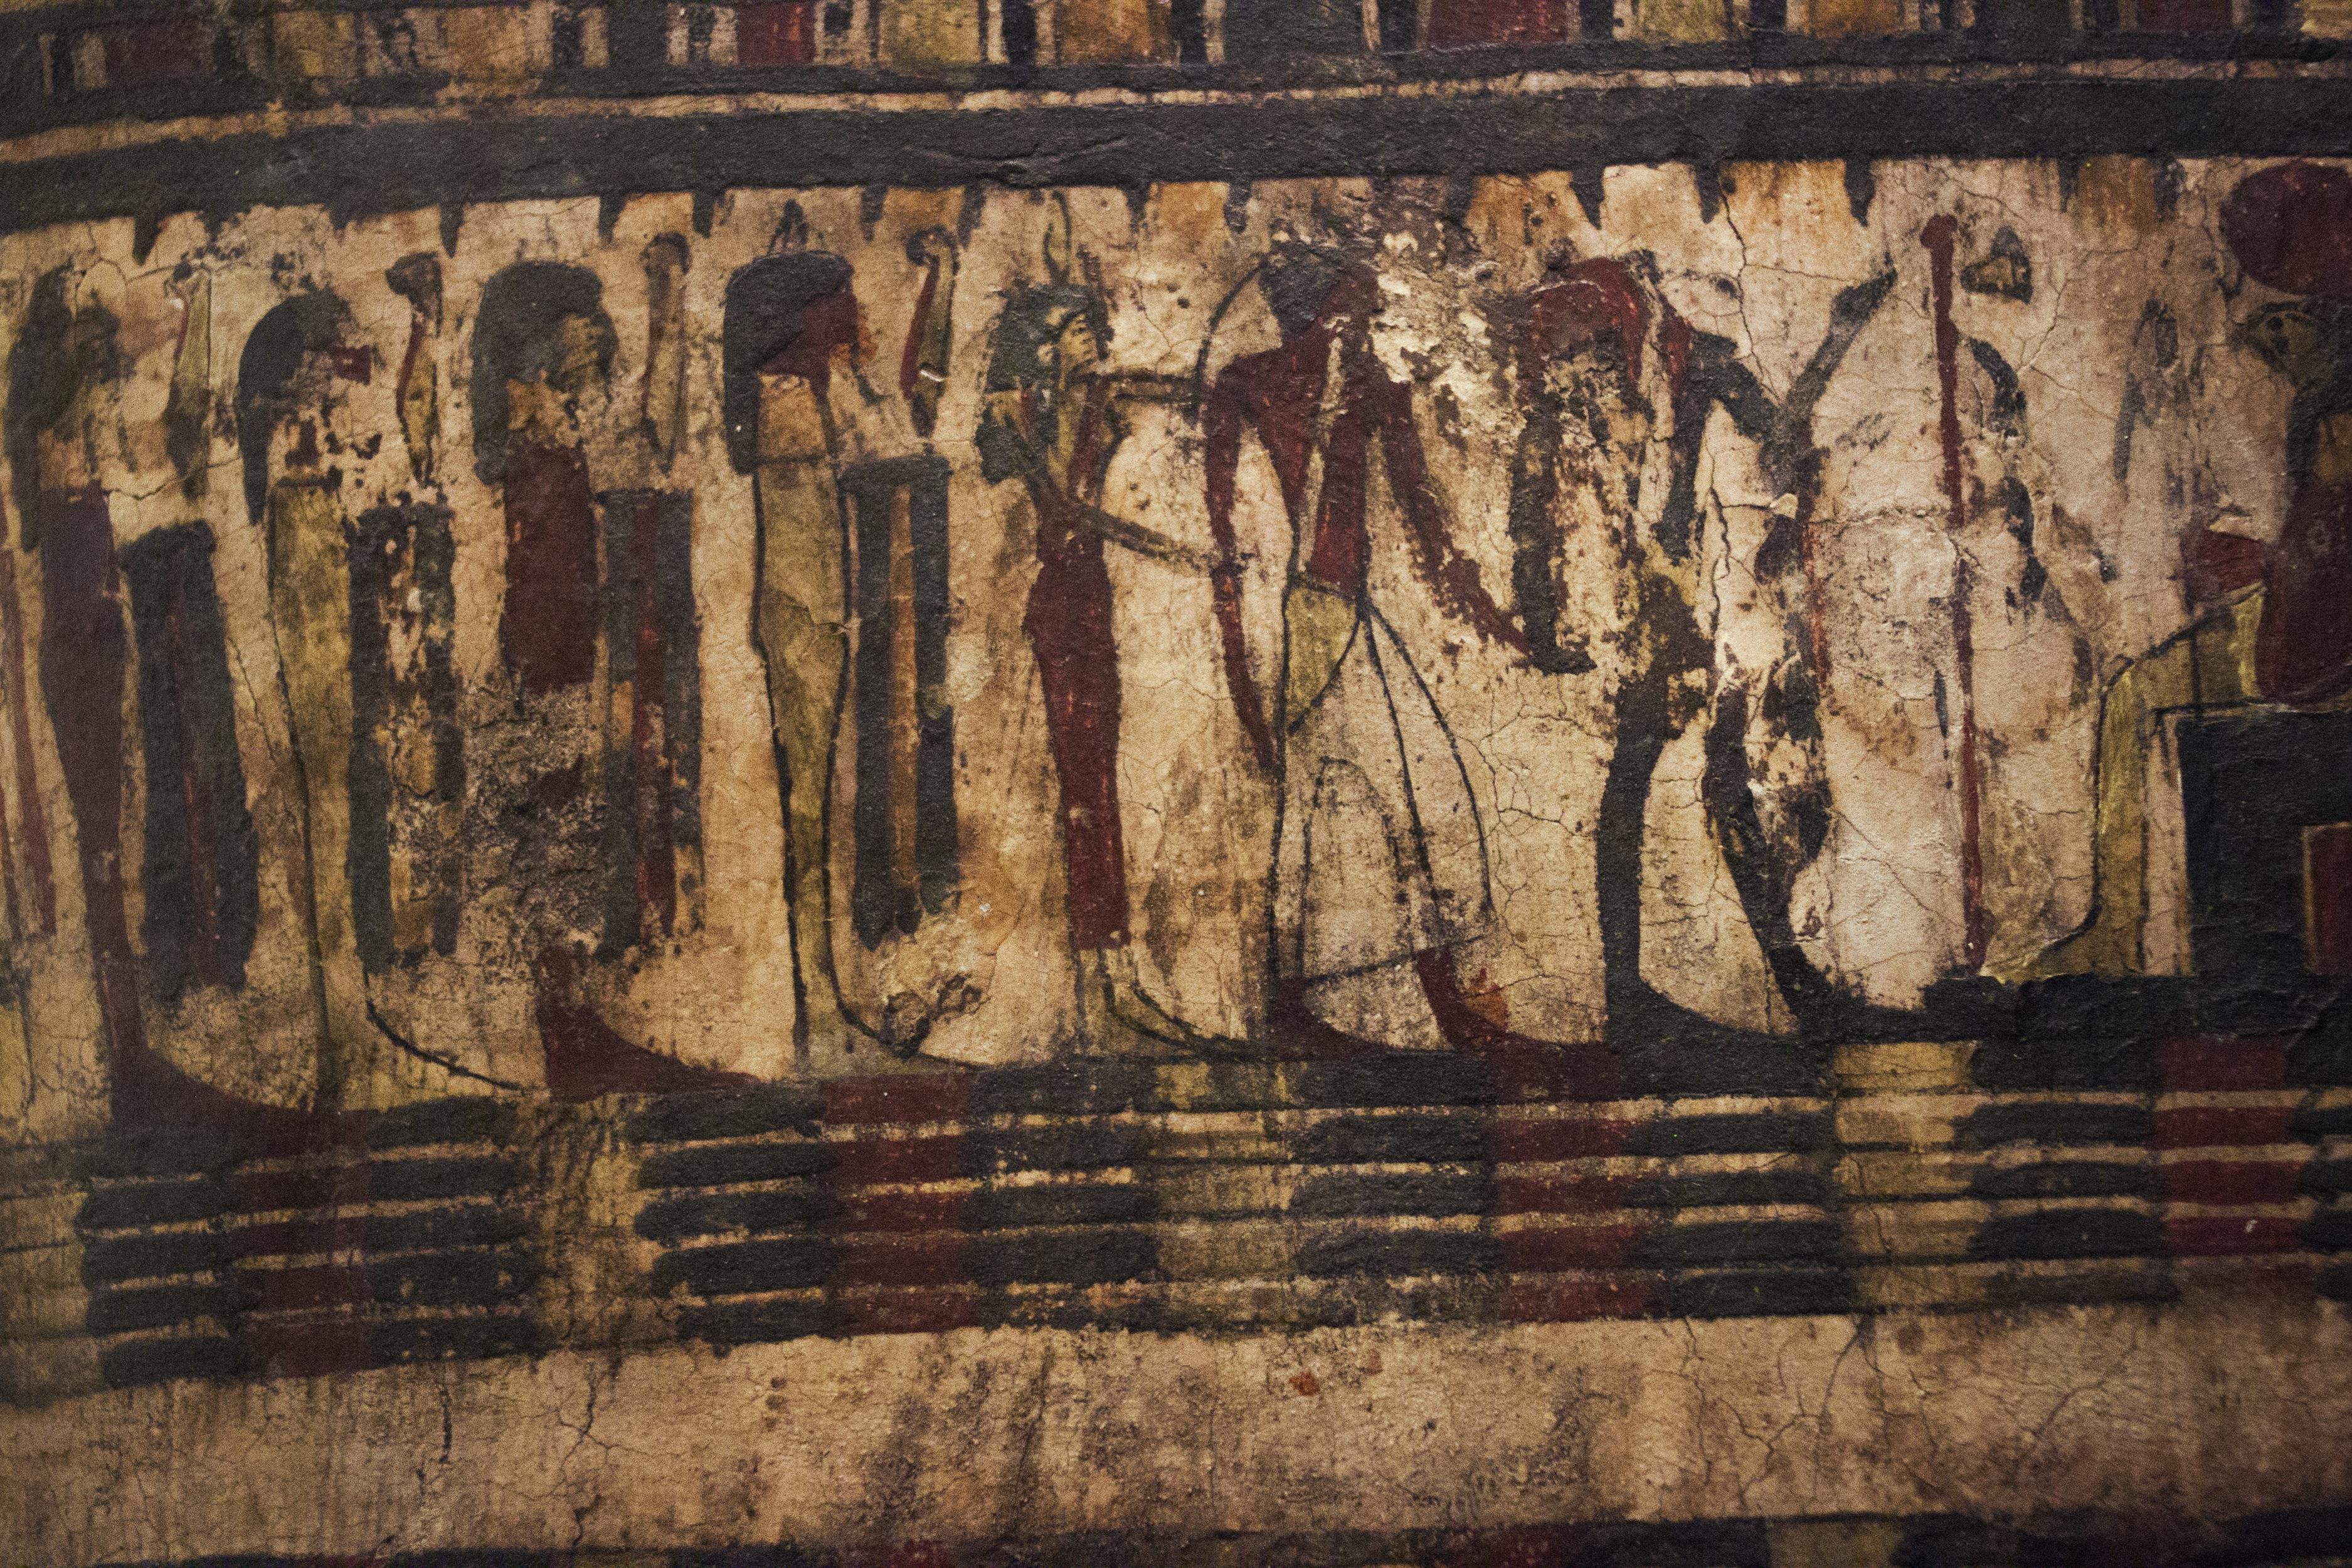 무료 이미지 : 목재, 박물관, 고대의, 그림, 디자인, 벽화, 고고학 ...